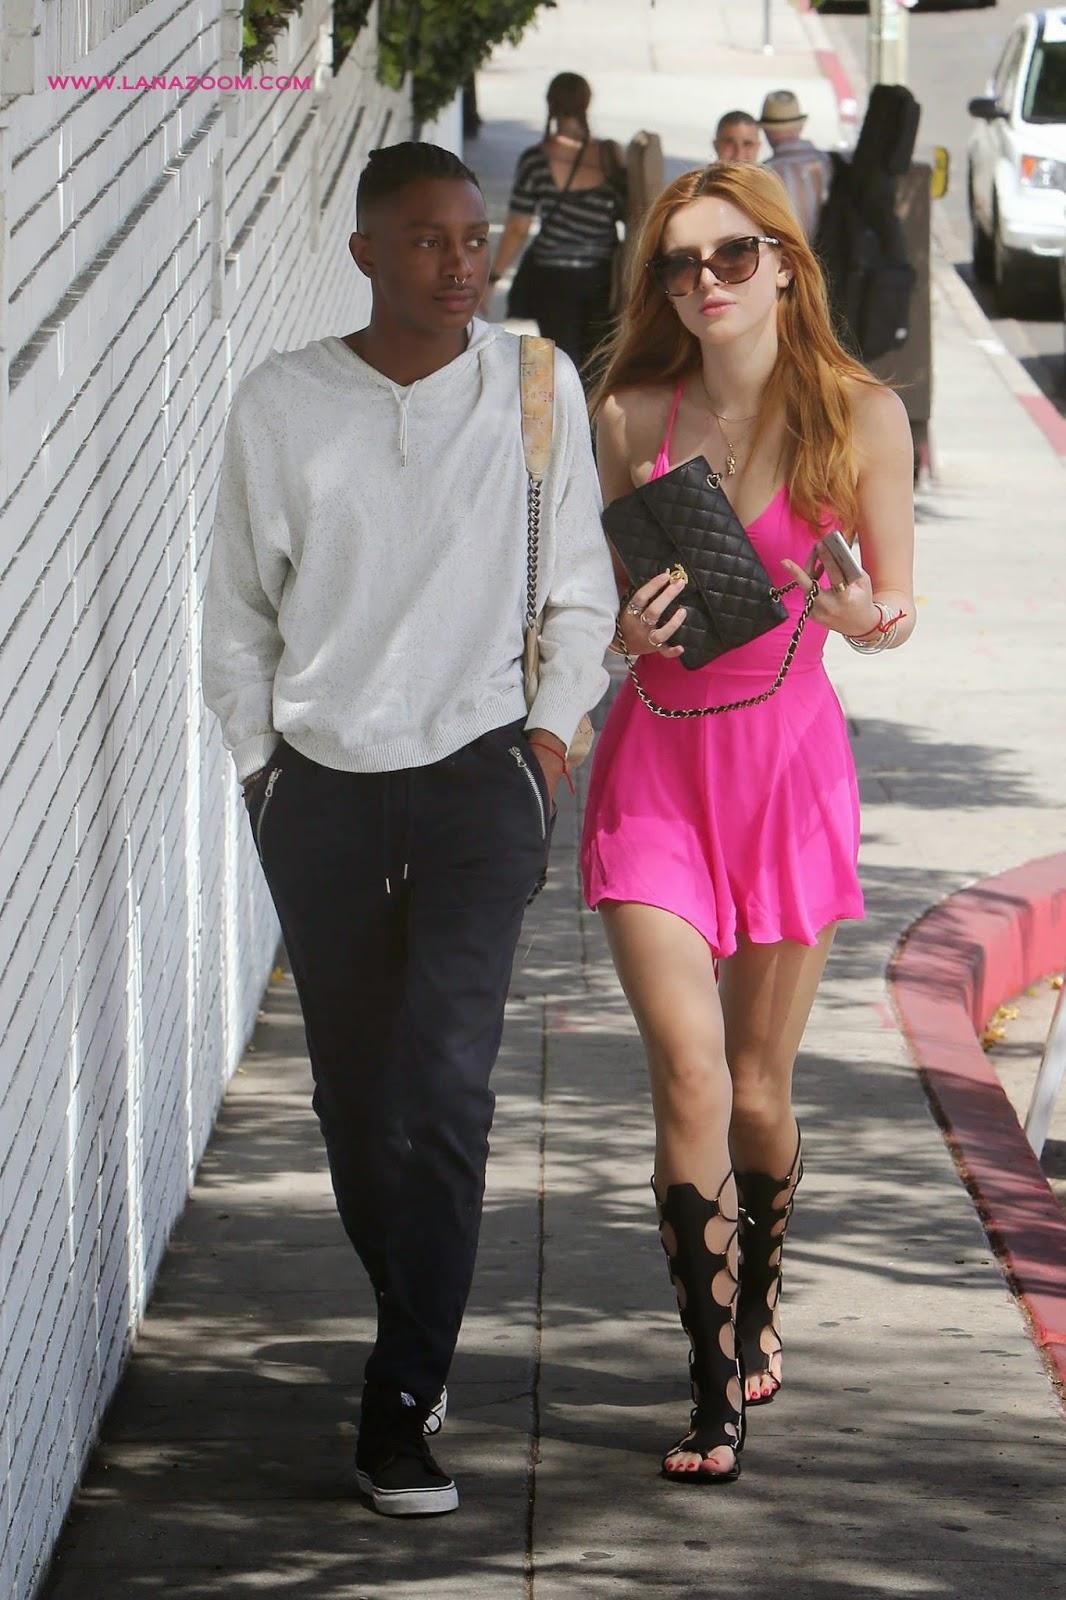 صور بيلا ثورن تتنزه بثوب وردي جميل في ويست هوليوود